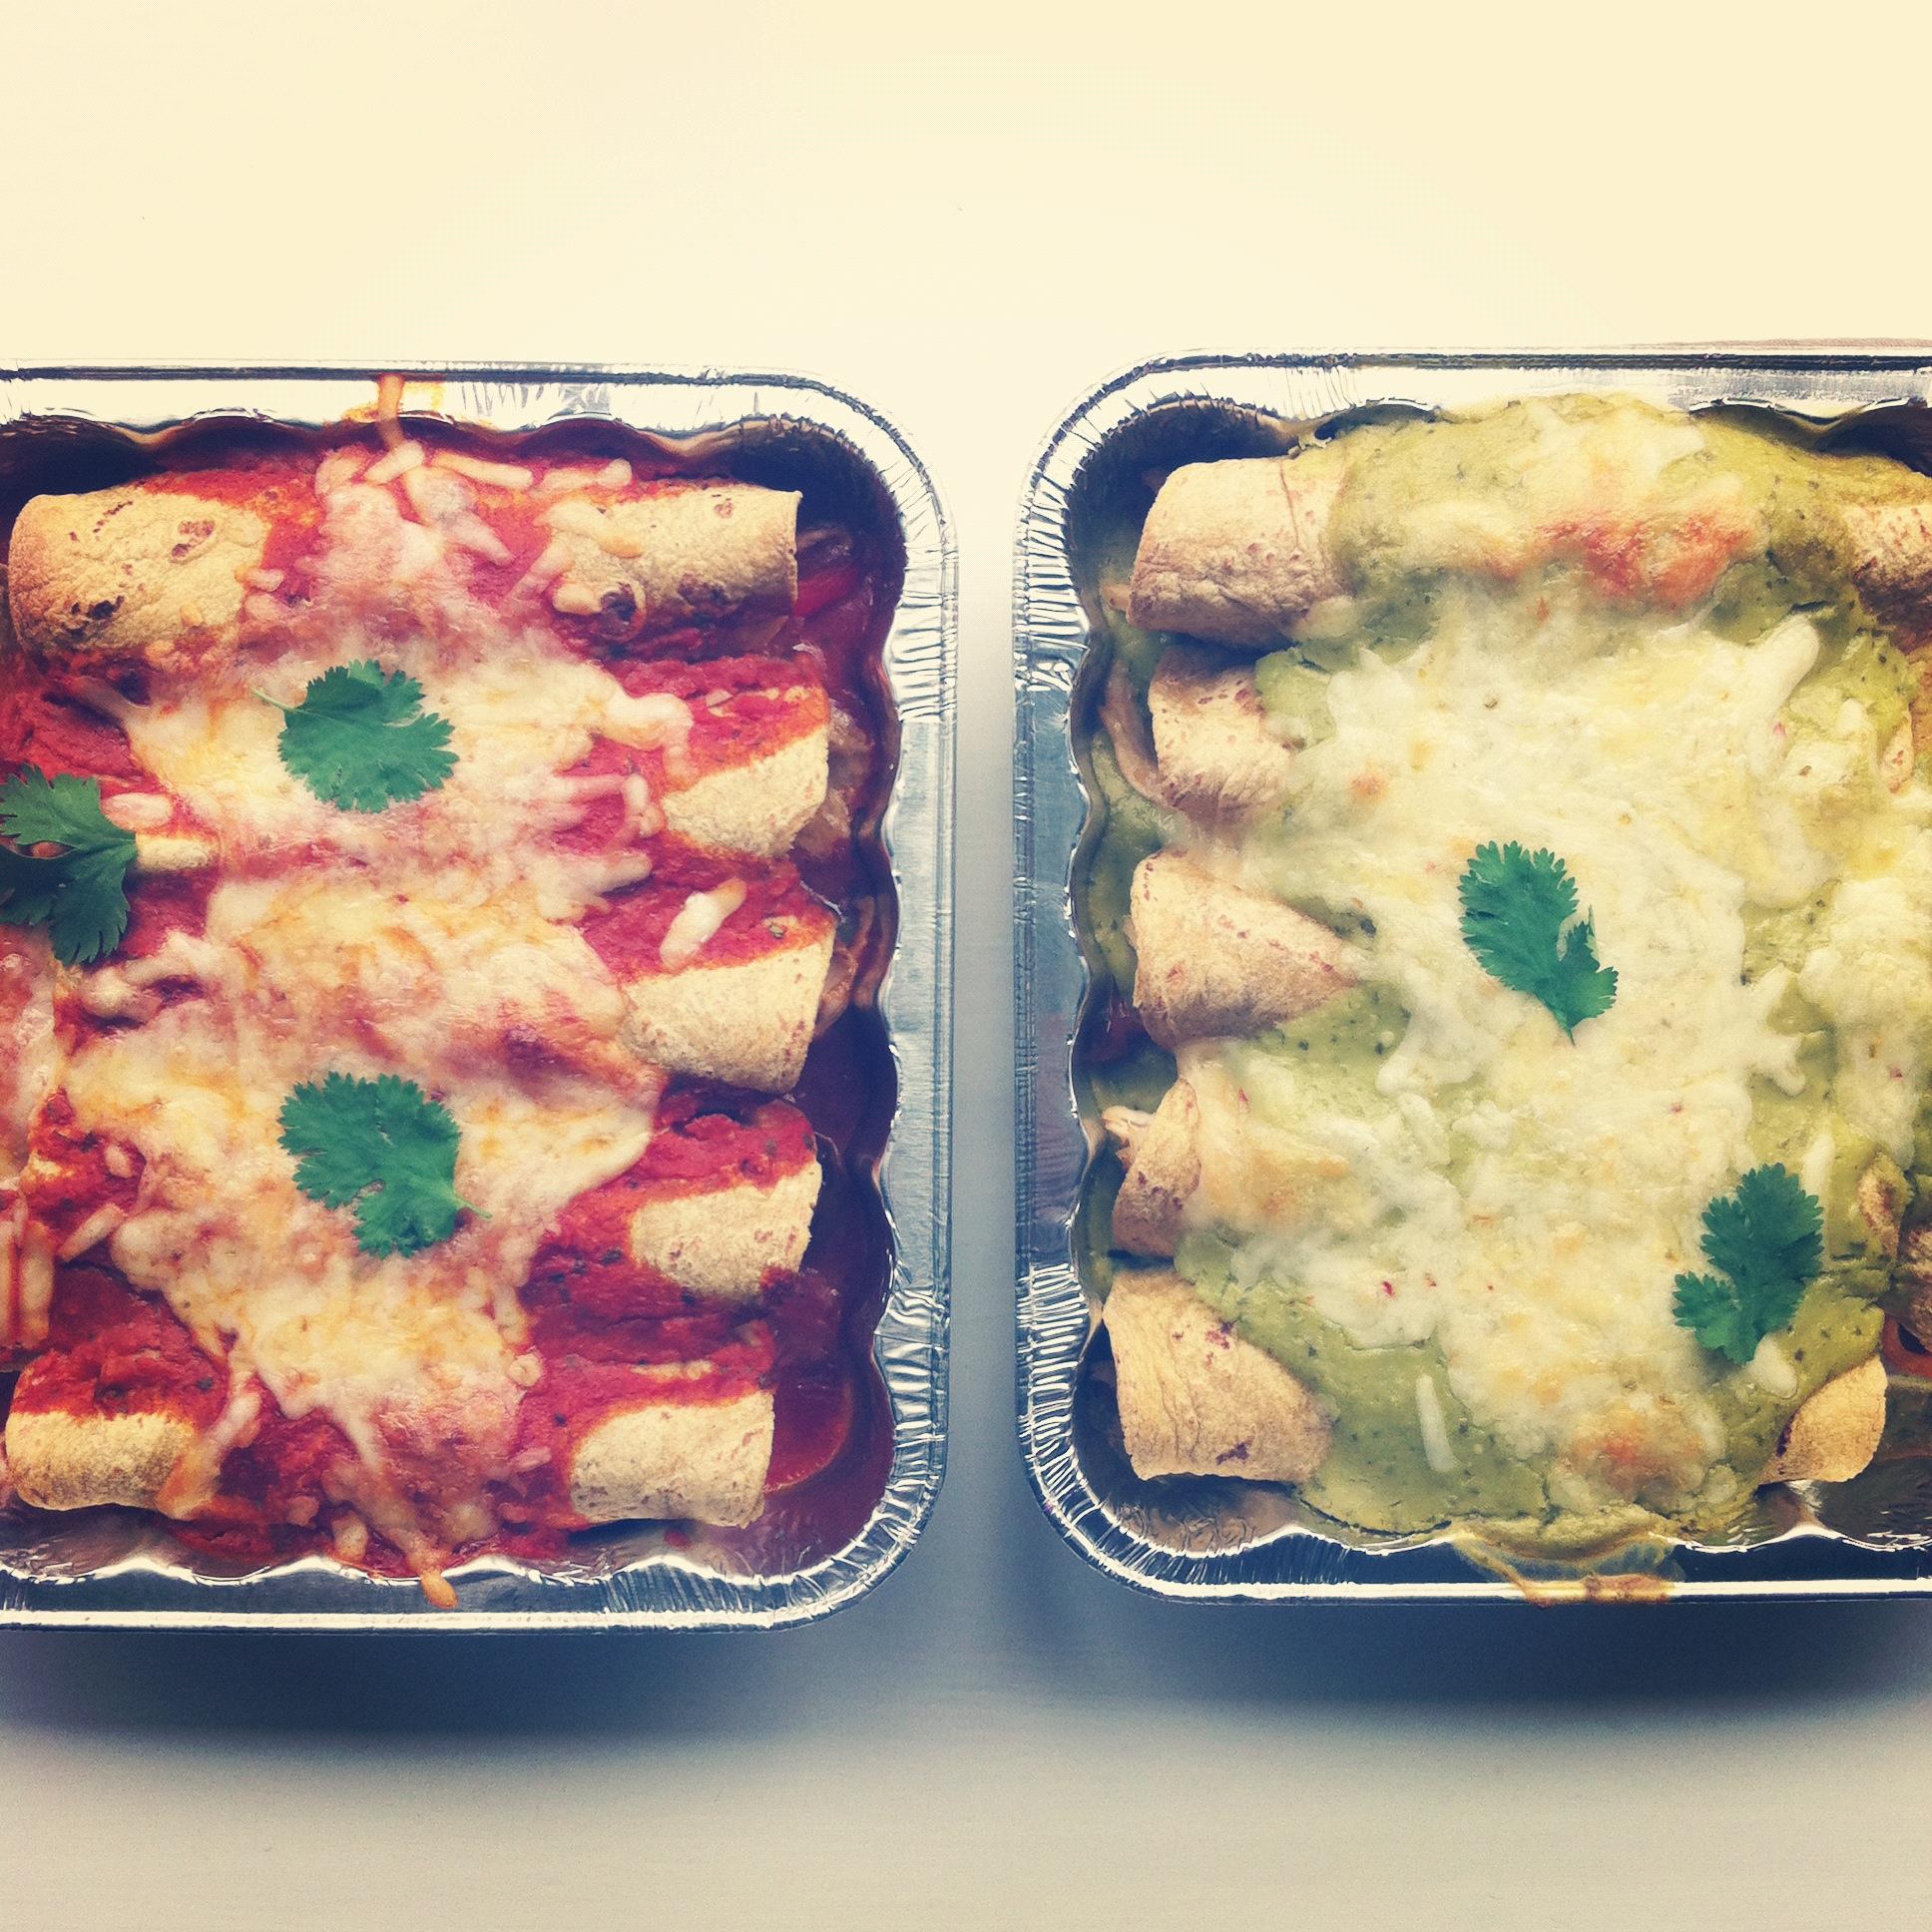 Enchiladas and Freezer Meals